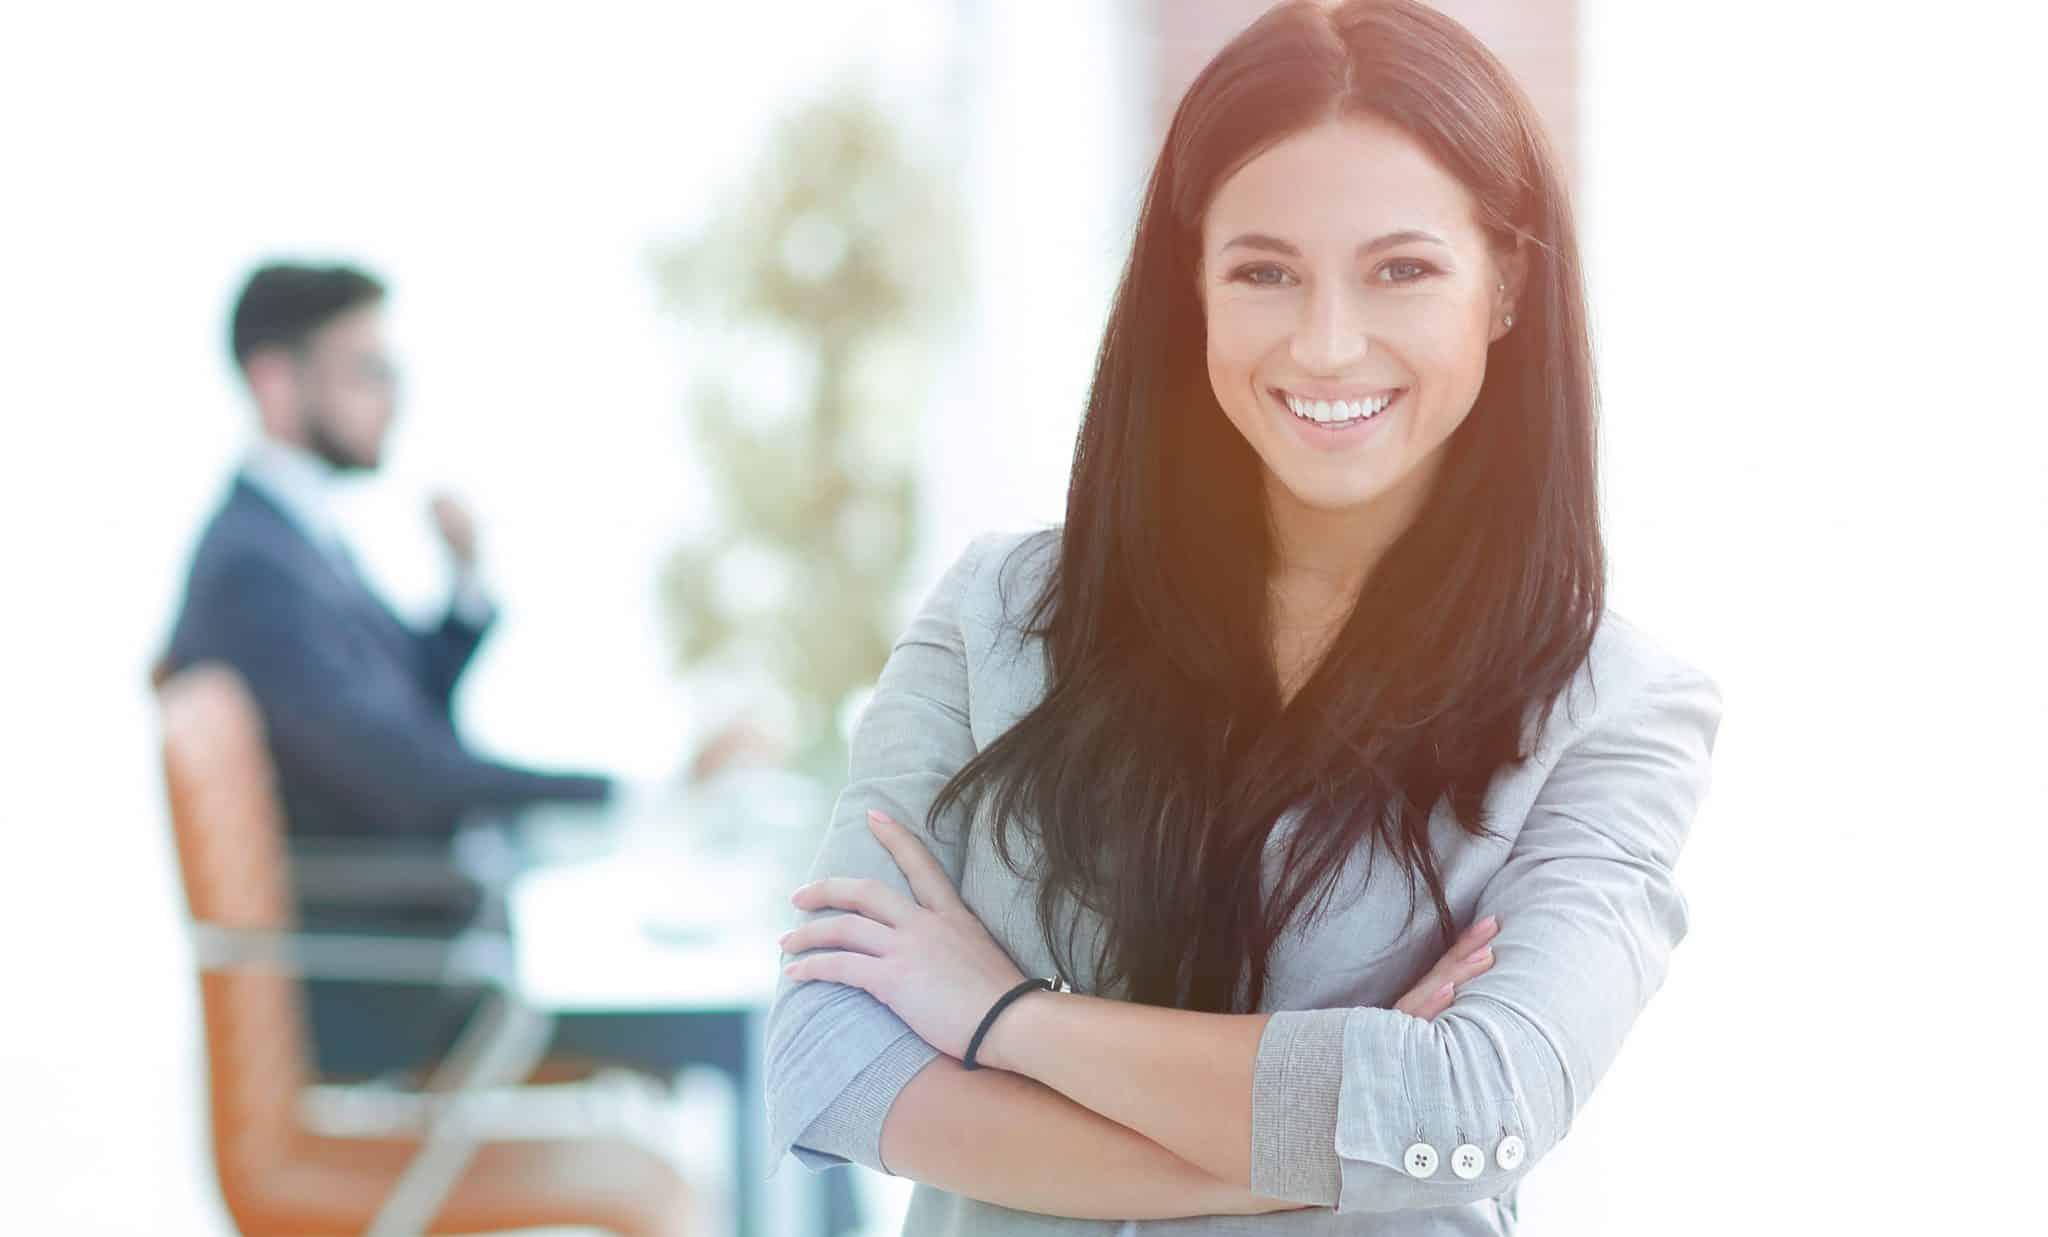 Mehr Umsatz, zufriedenere Kunden - So werden Sie zum Vertriebsprofi!